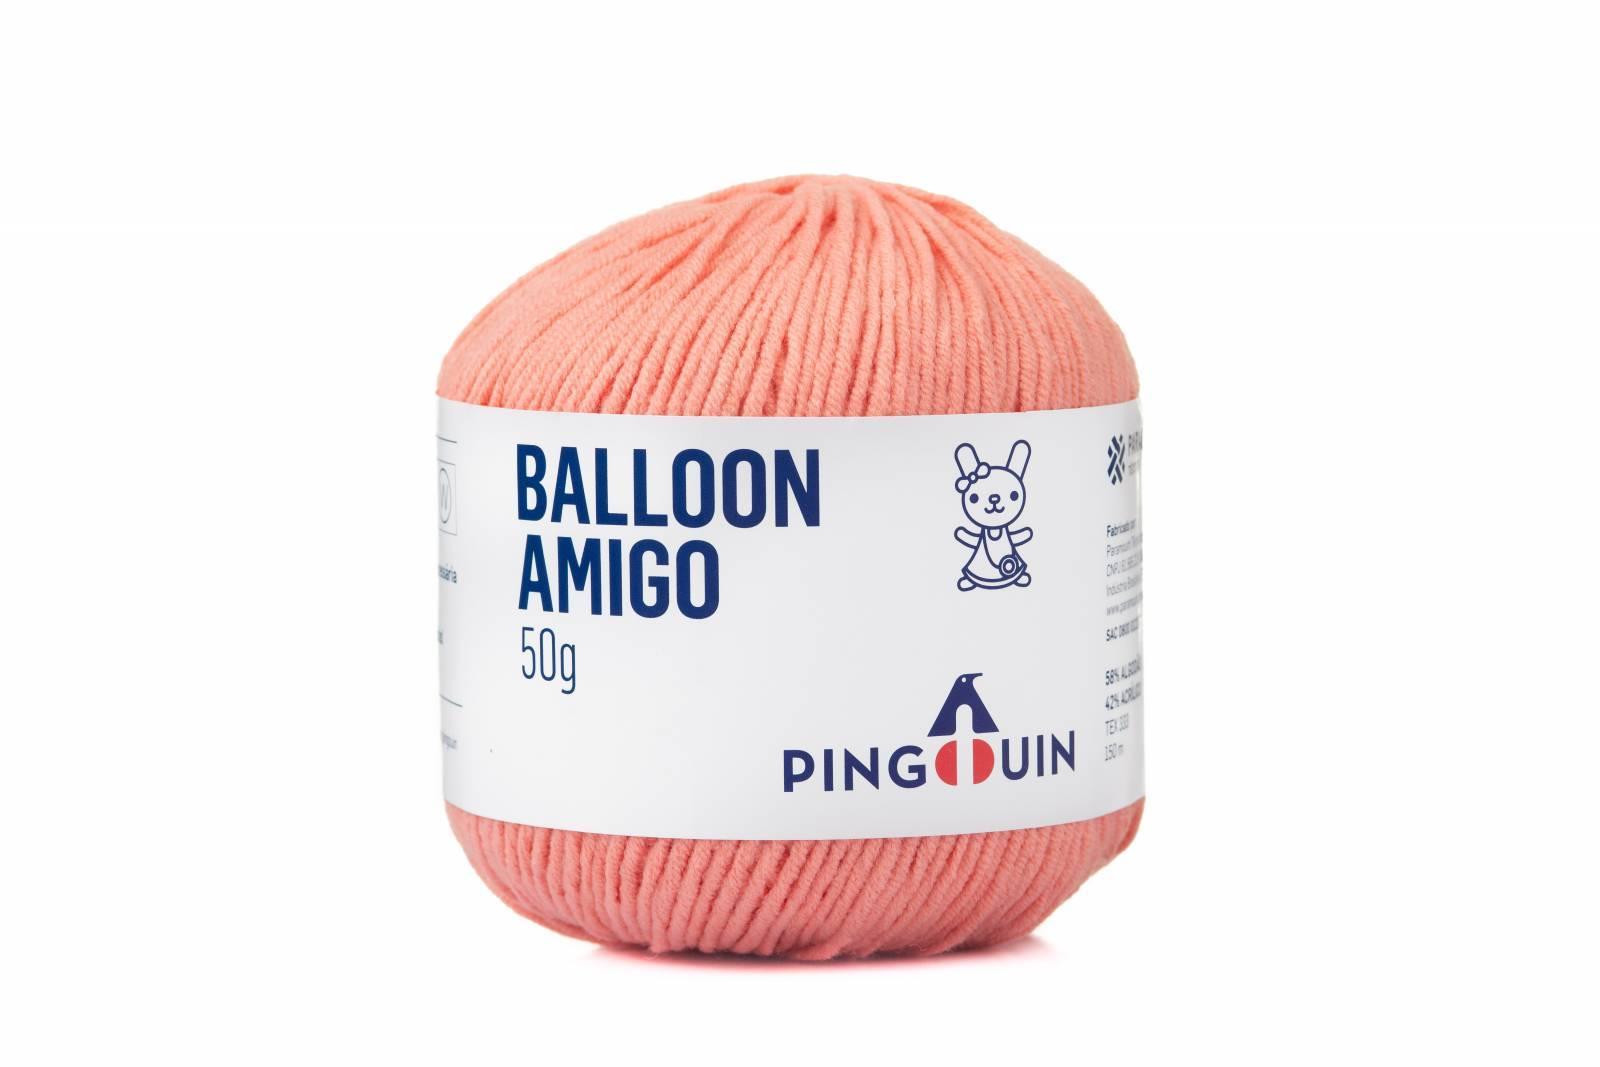 Balloon amigo 5240 Fiama - BAÚ DA VOVÓ